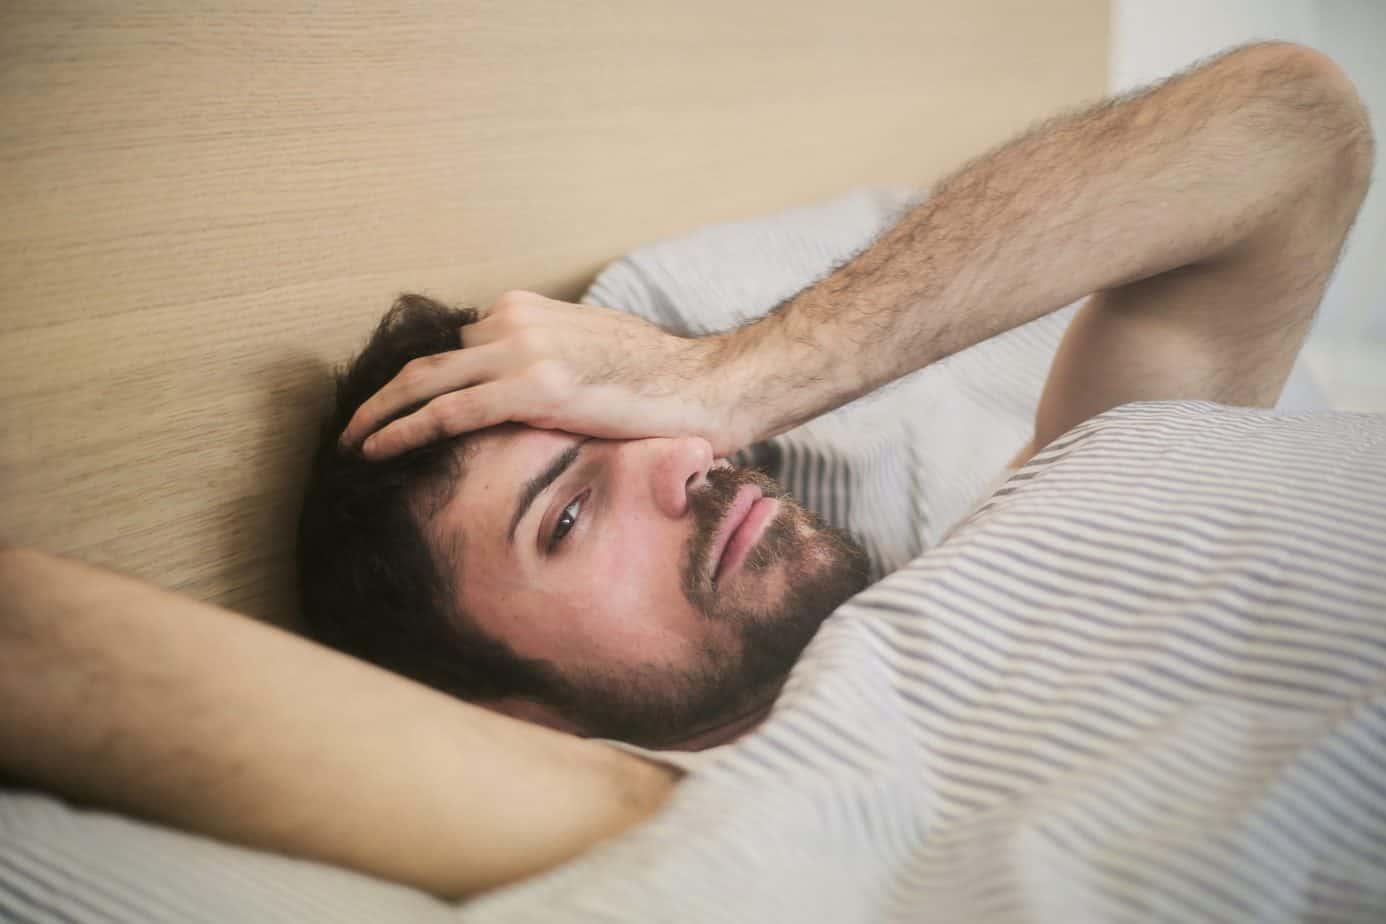 Les troubles du sommeil peuvent-ils déclencher maux de tête et céphalée ? remede insomnie